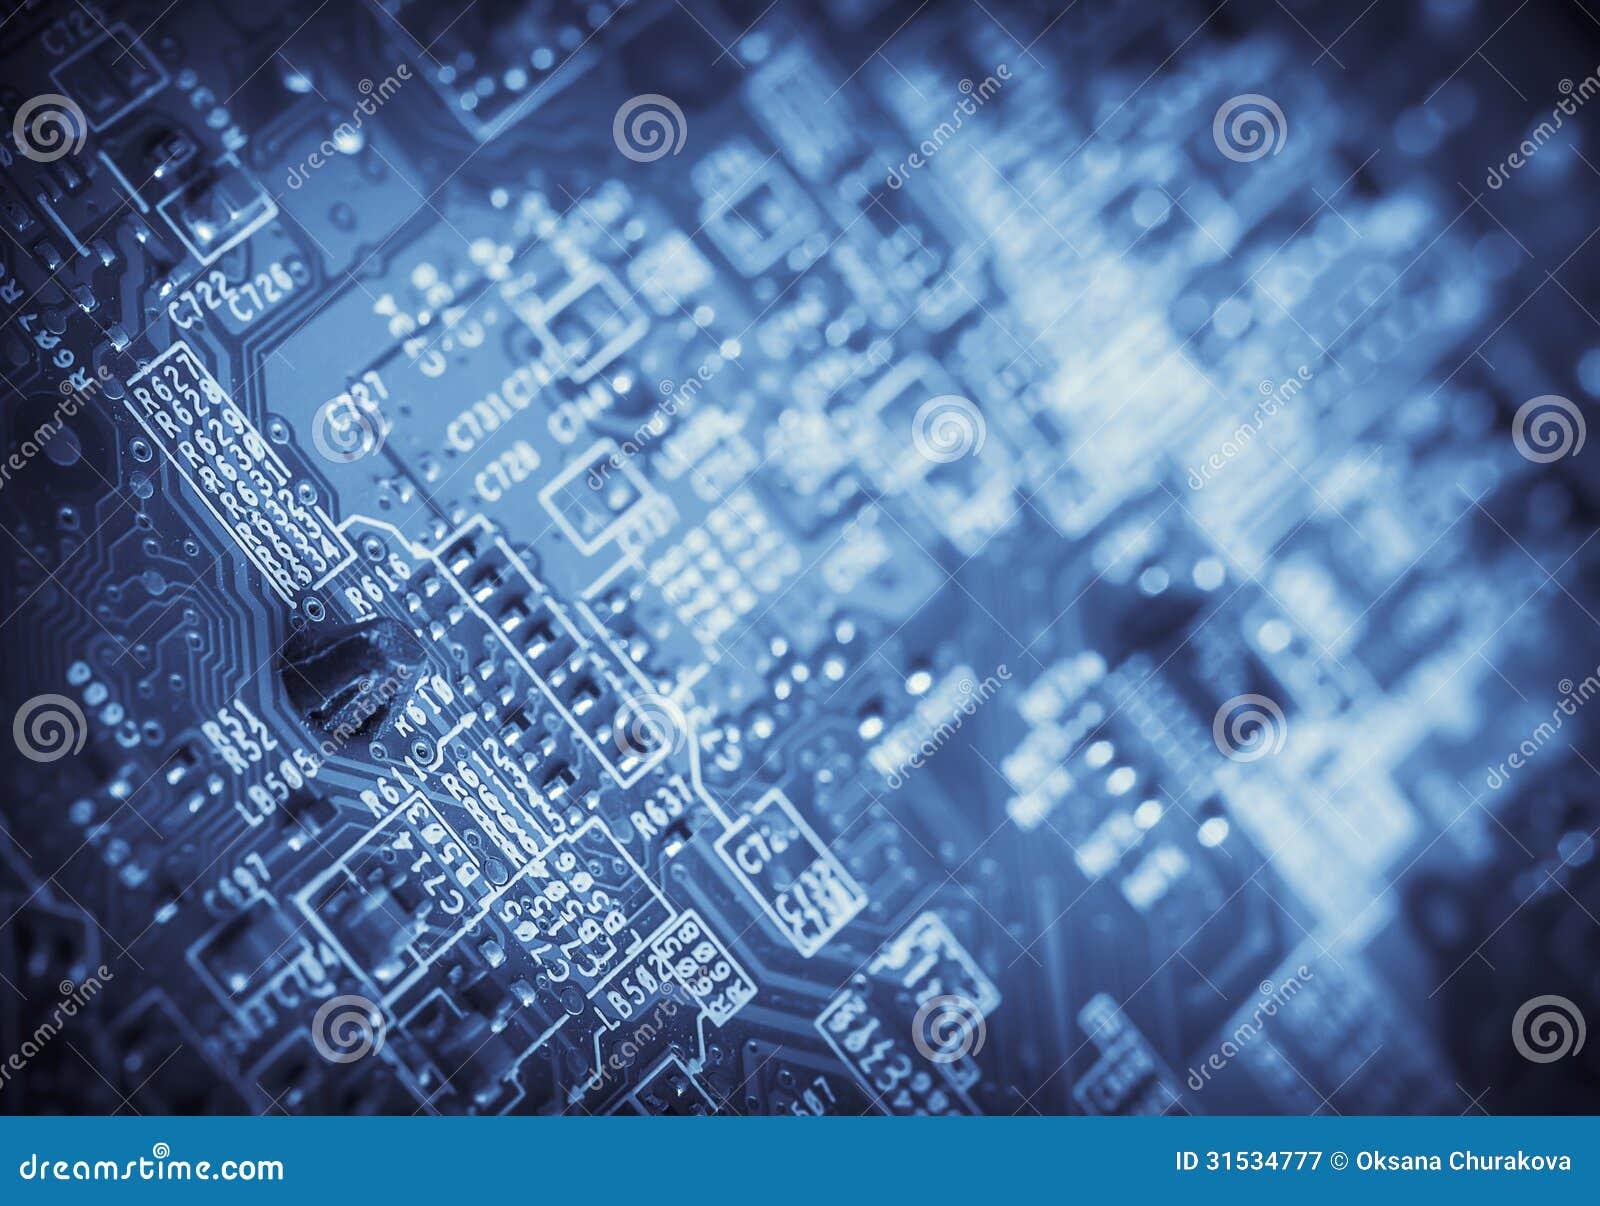 Деталь компьютерной микросхемы